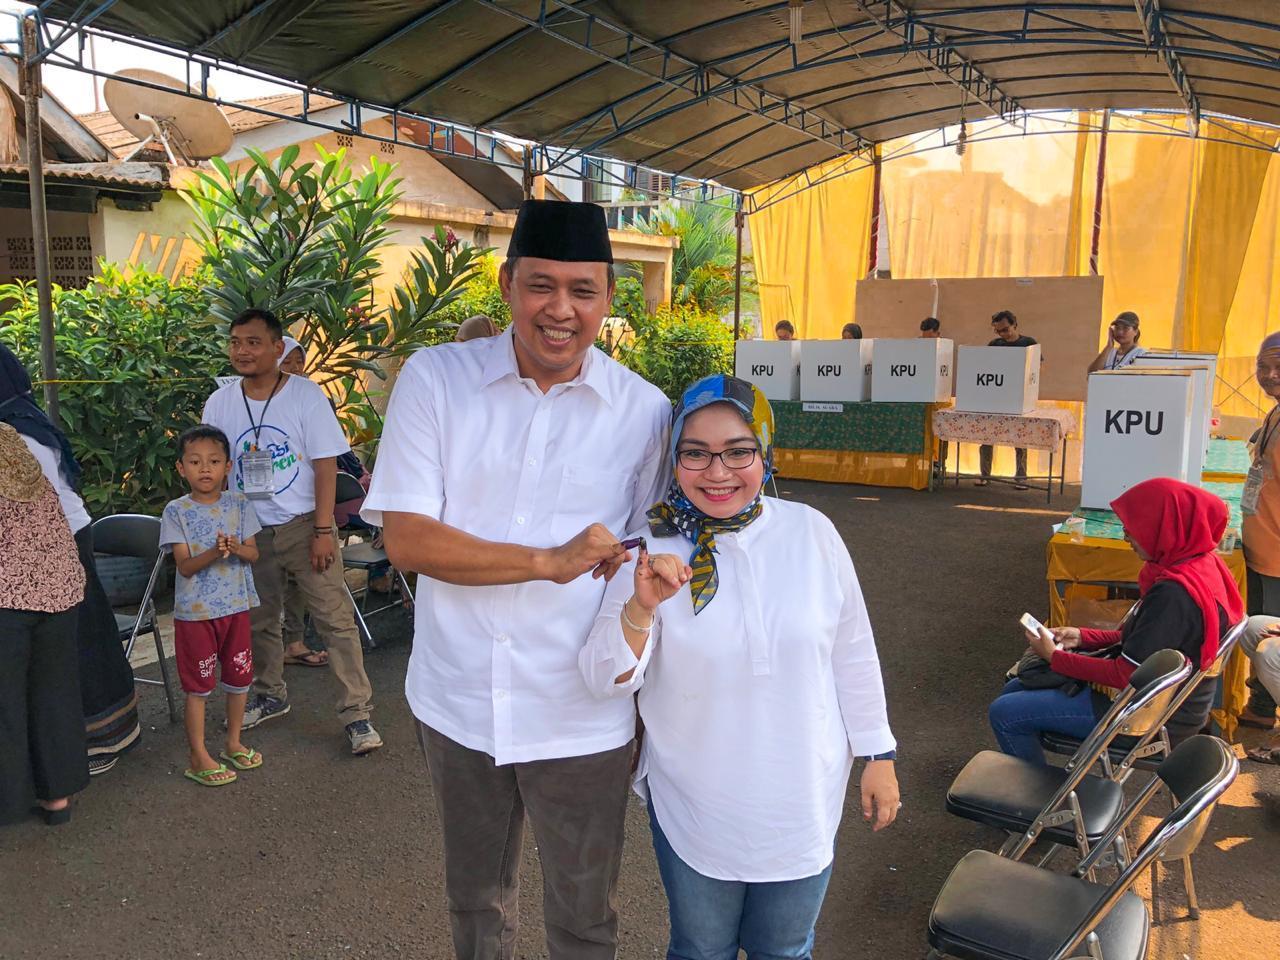 Wakil Walikota  menggunakan Hak Pilihnya pada pemilihan umum dan Legislatif serentak di Kota Bekasi.